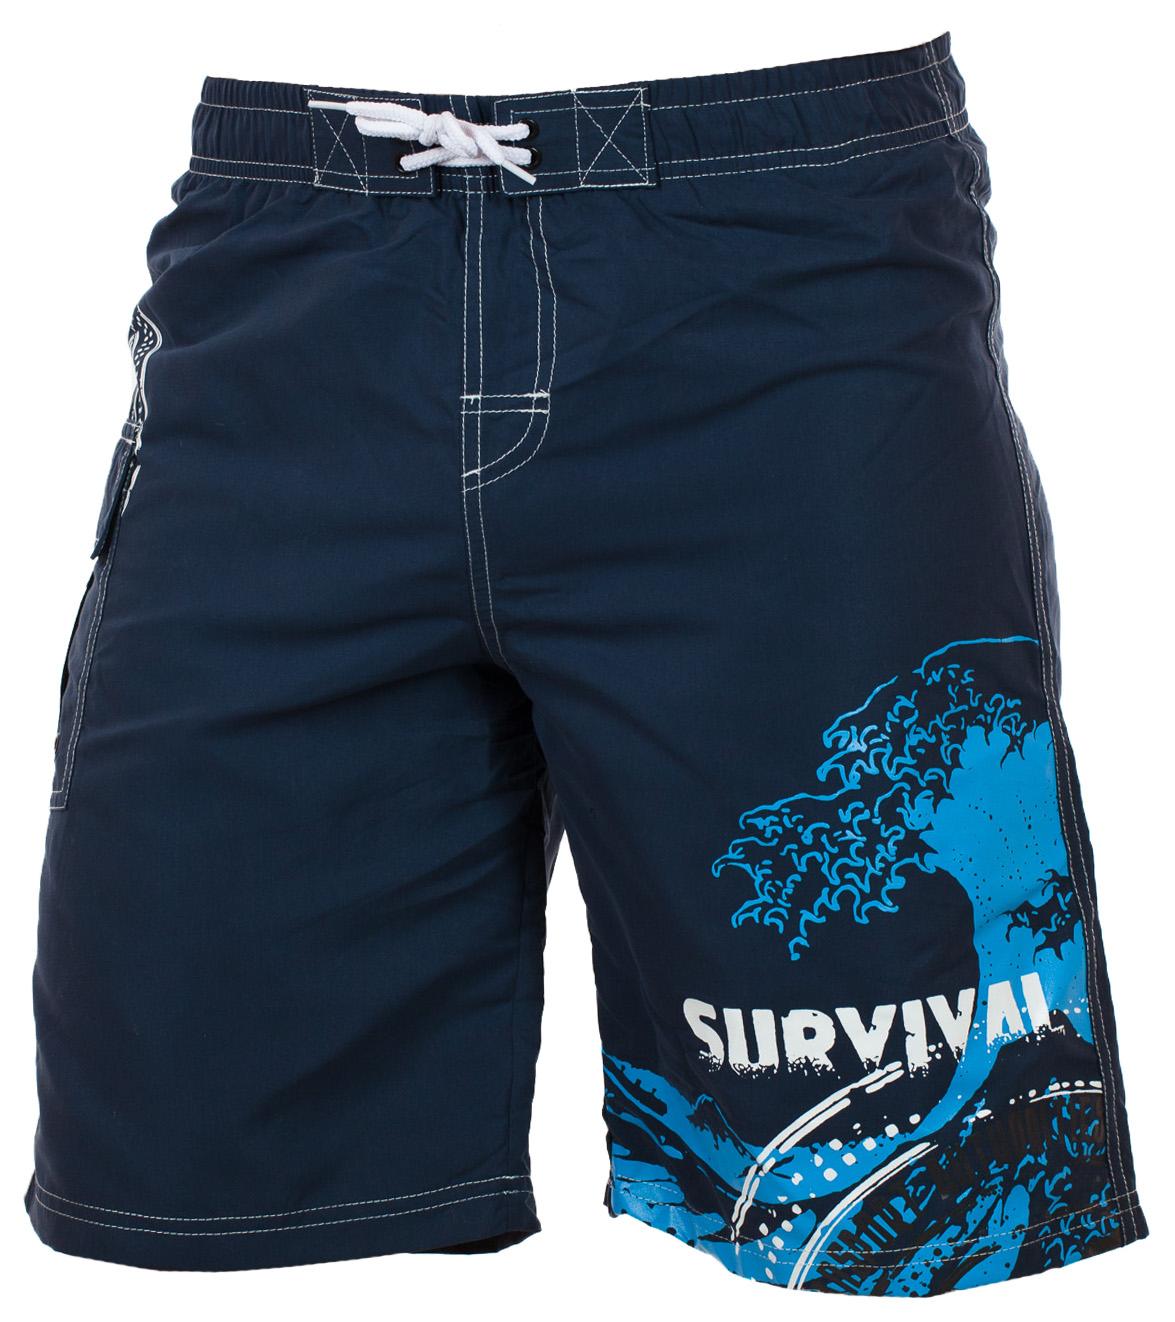 Заказать эксклюзивные мужские шорты с принтом Survival от In Extenso (Франция)